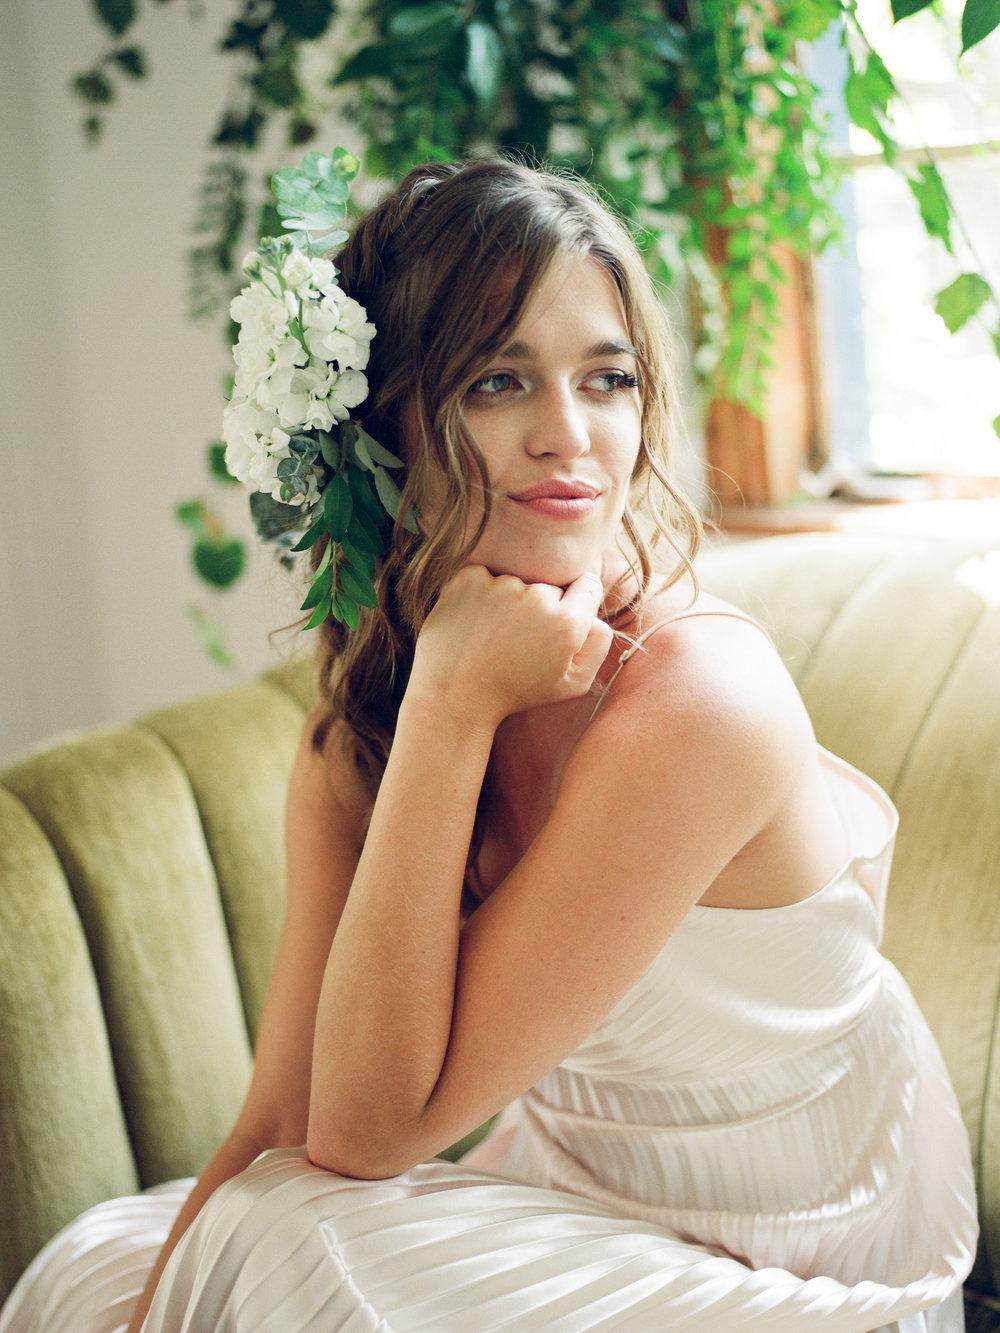 tallahassee_wedding_florist_hair_flowers_moonstruck_florals.jpg